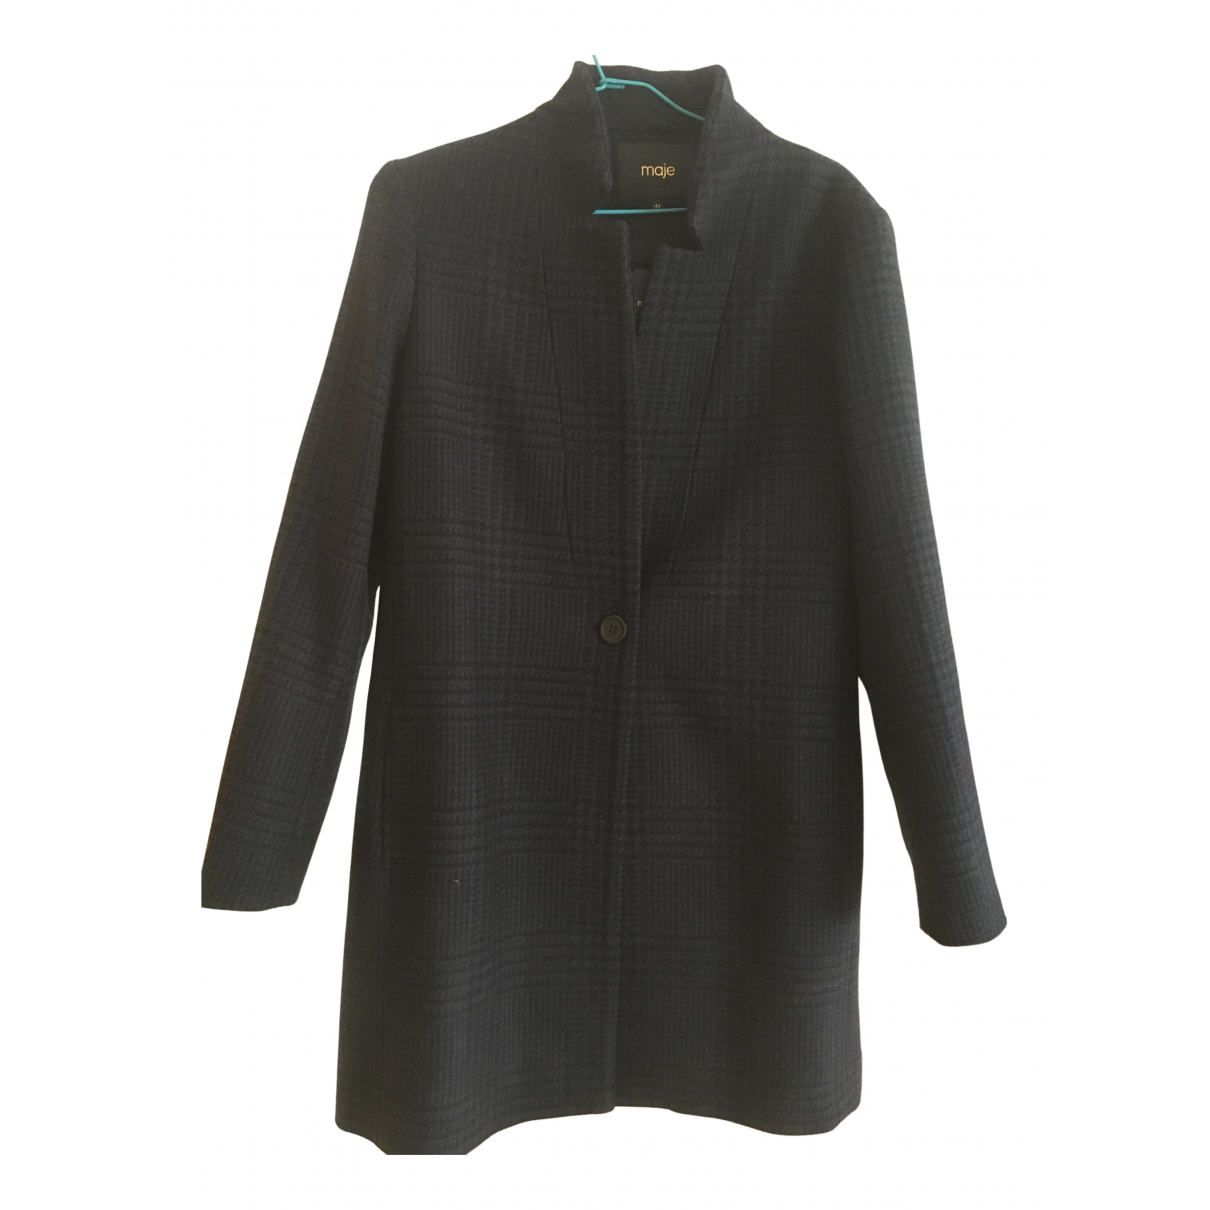 Maje - Manteau   pour femme en laine - multicolore